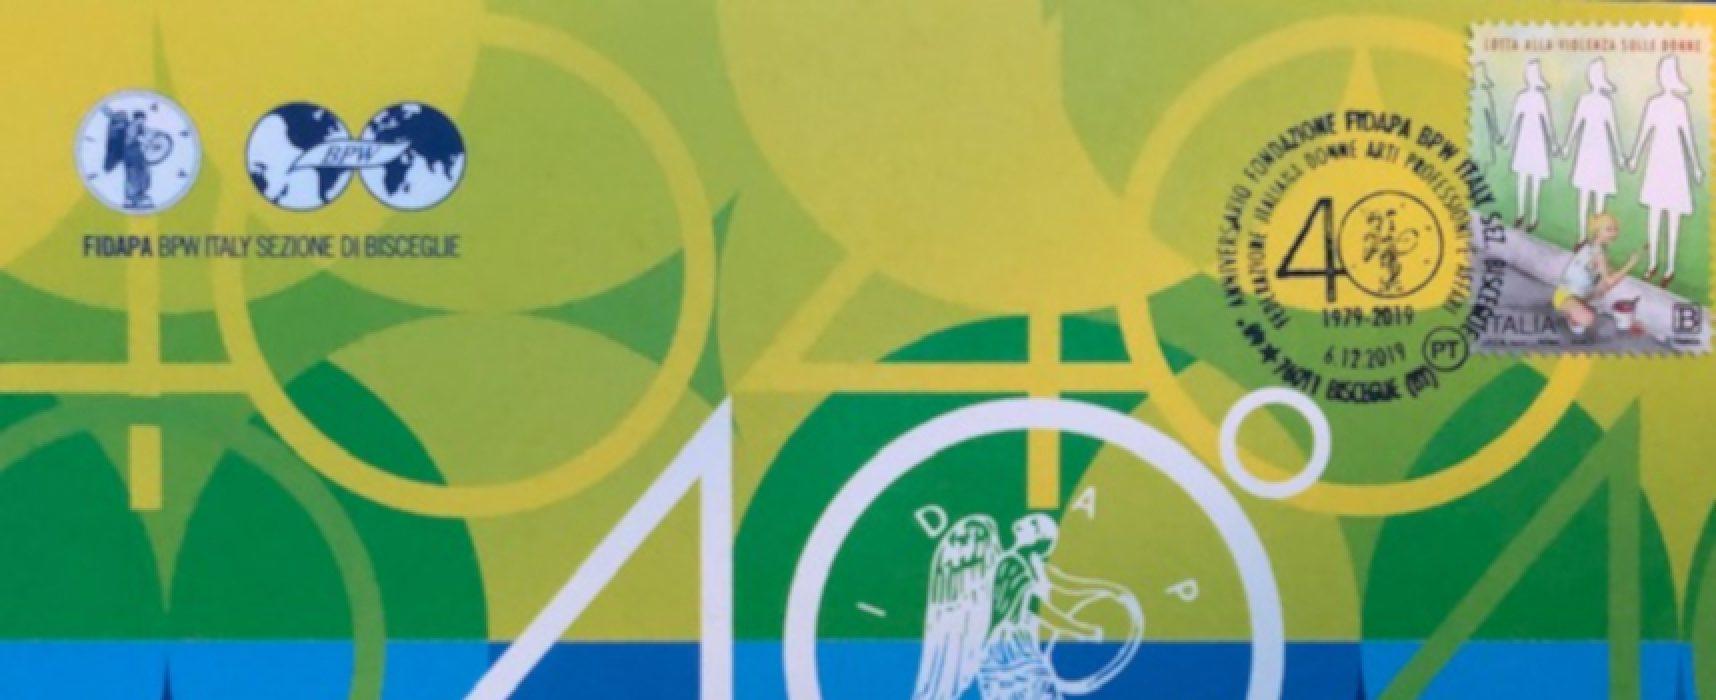 Fidapa festeggia i suoi primi 40 anni con un un annullo filatelico speciale